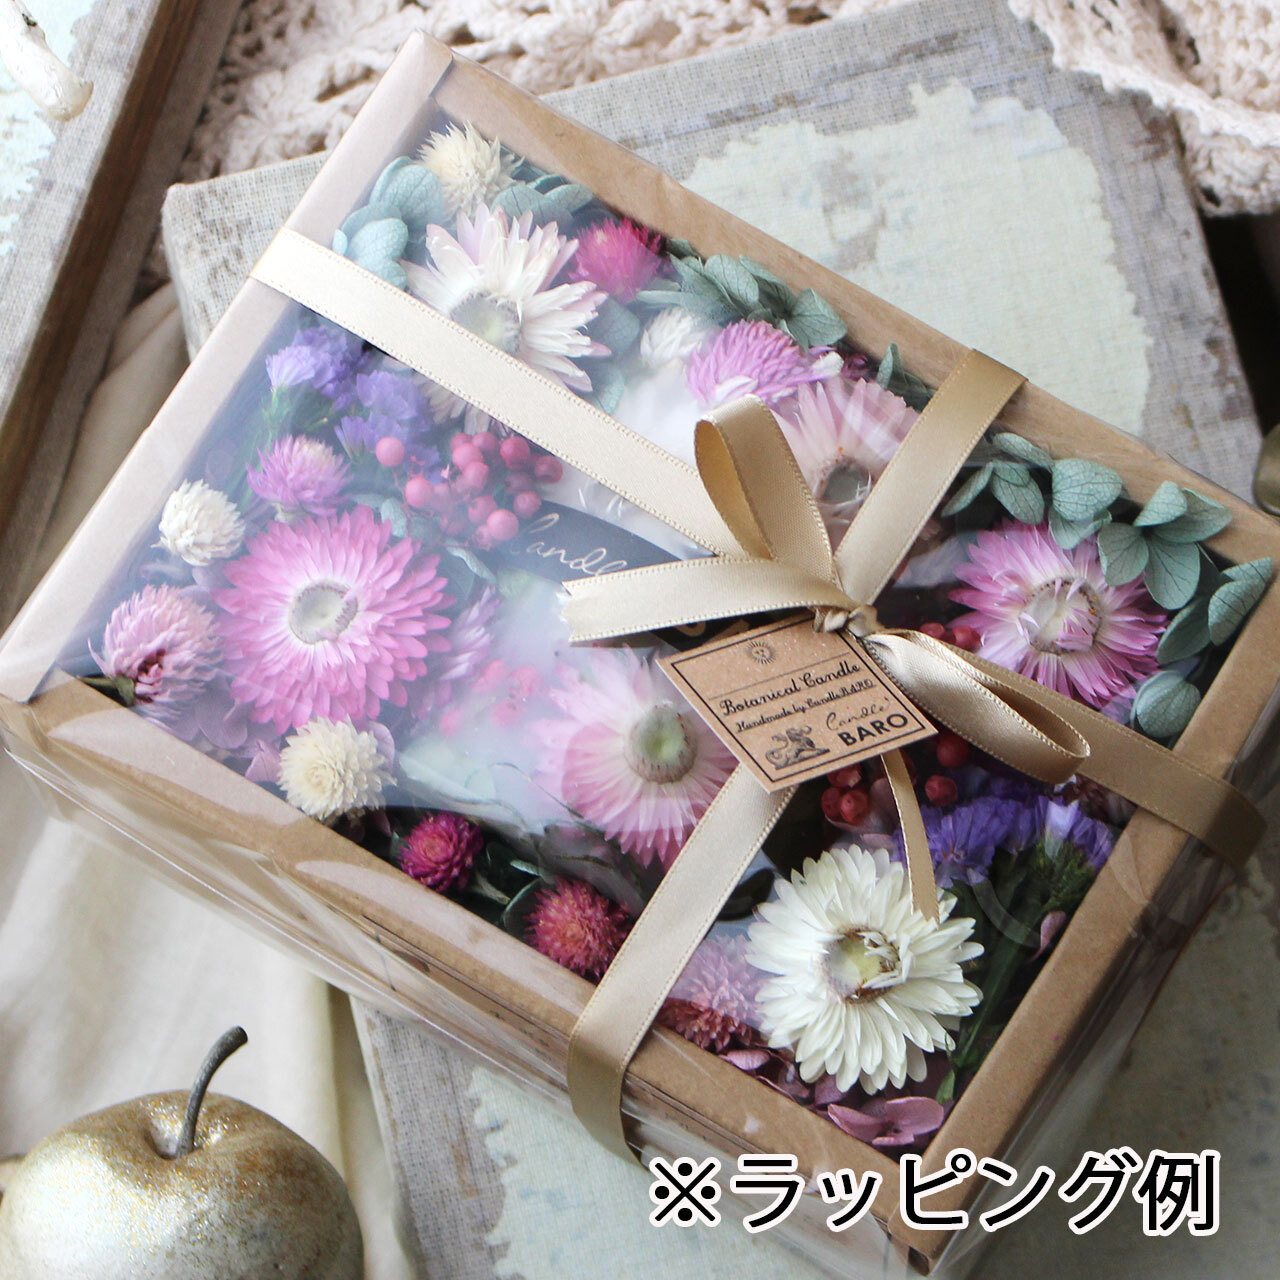 H461 透明ラッピング&紙袋付き☆ボタニカルキャンドルギフト プリザーブドヘリクリサム